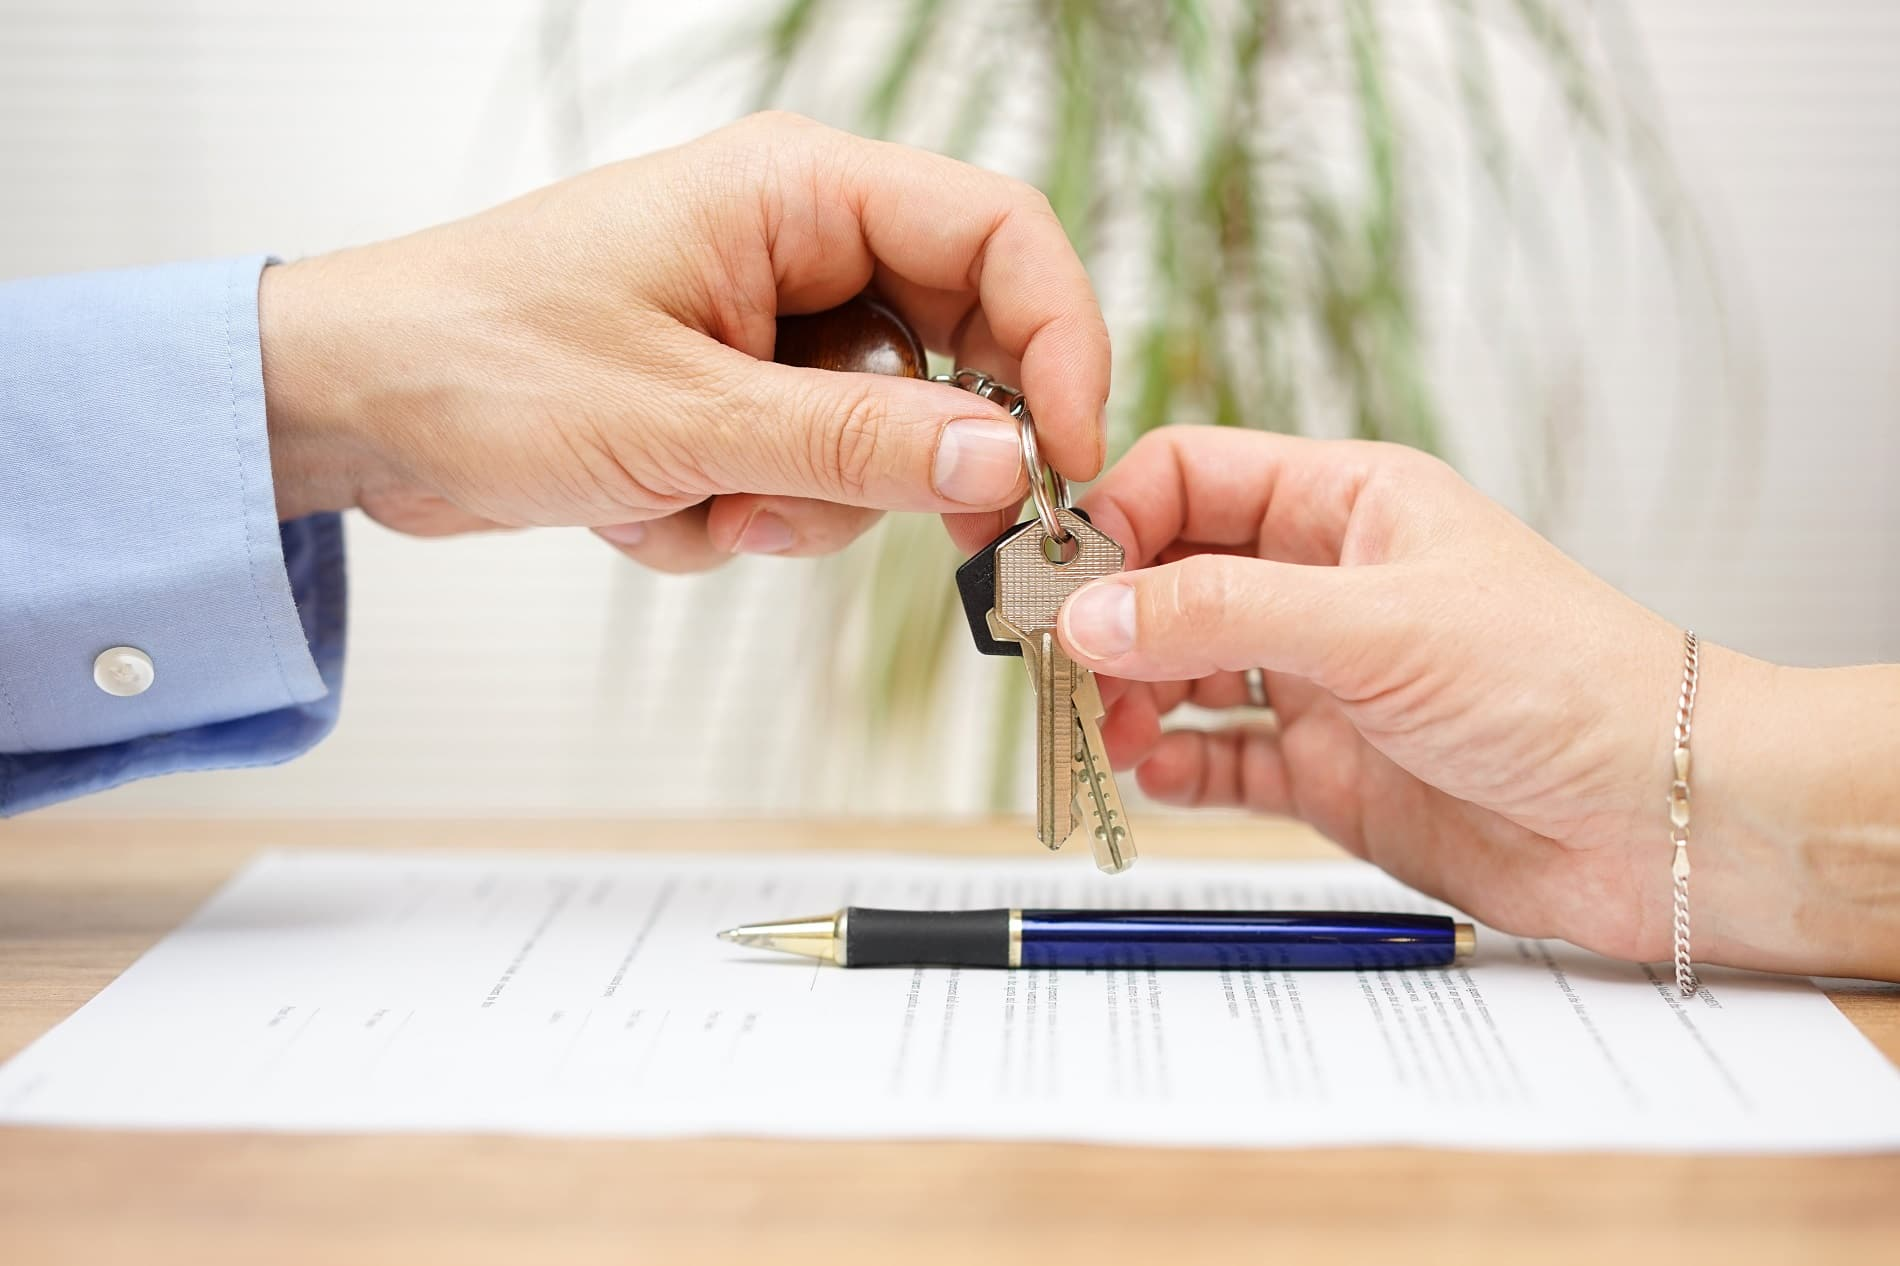 Nova lei do inquilinato: o que vai mudar na locação de imóveis – Banco dos Imóveis Parcerias Imobiliárias o número 1º em Parceria